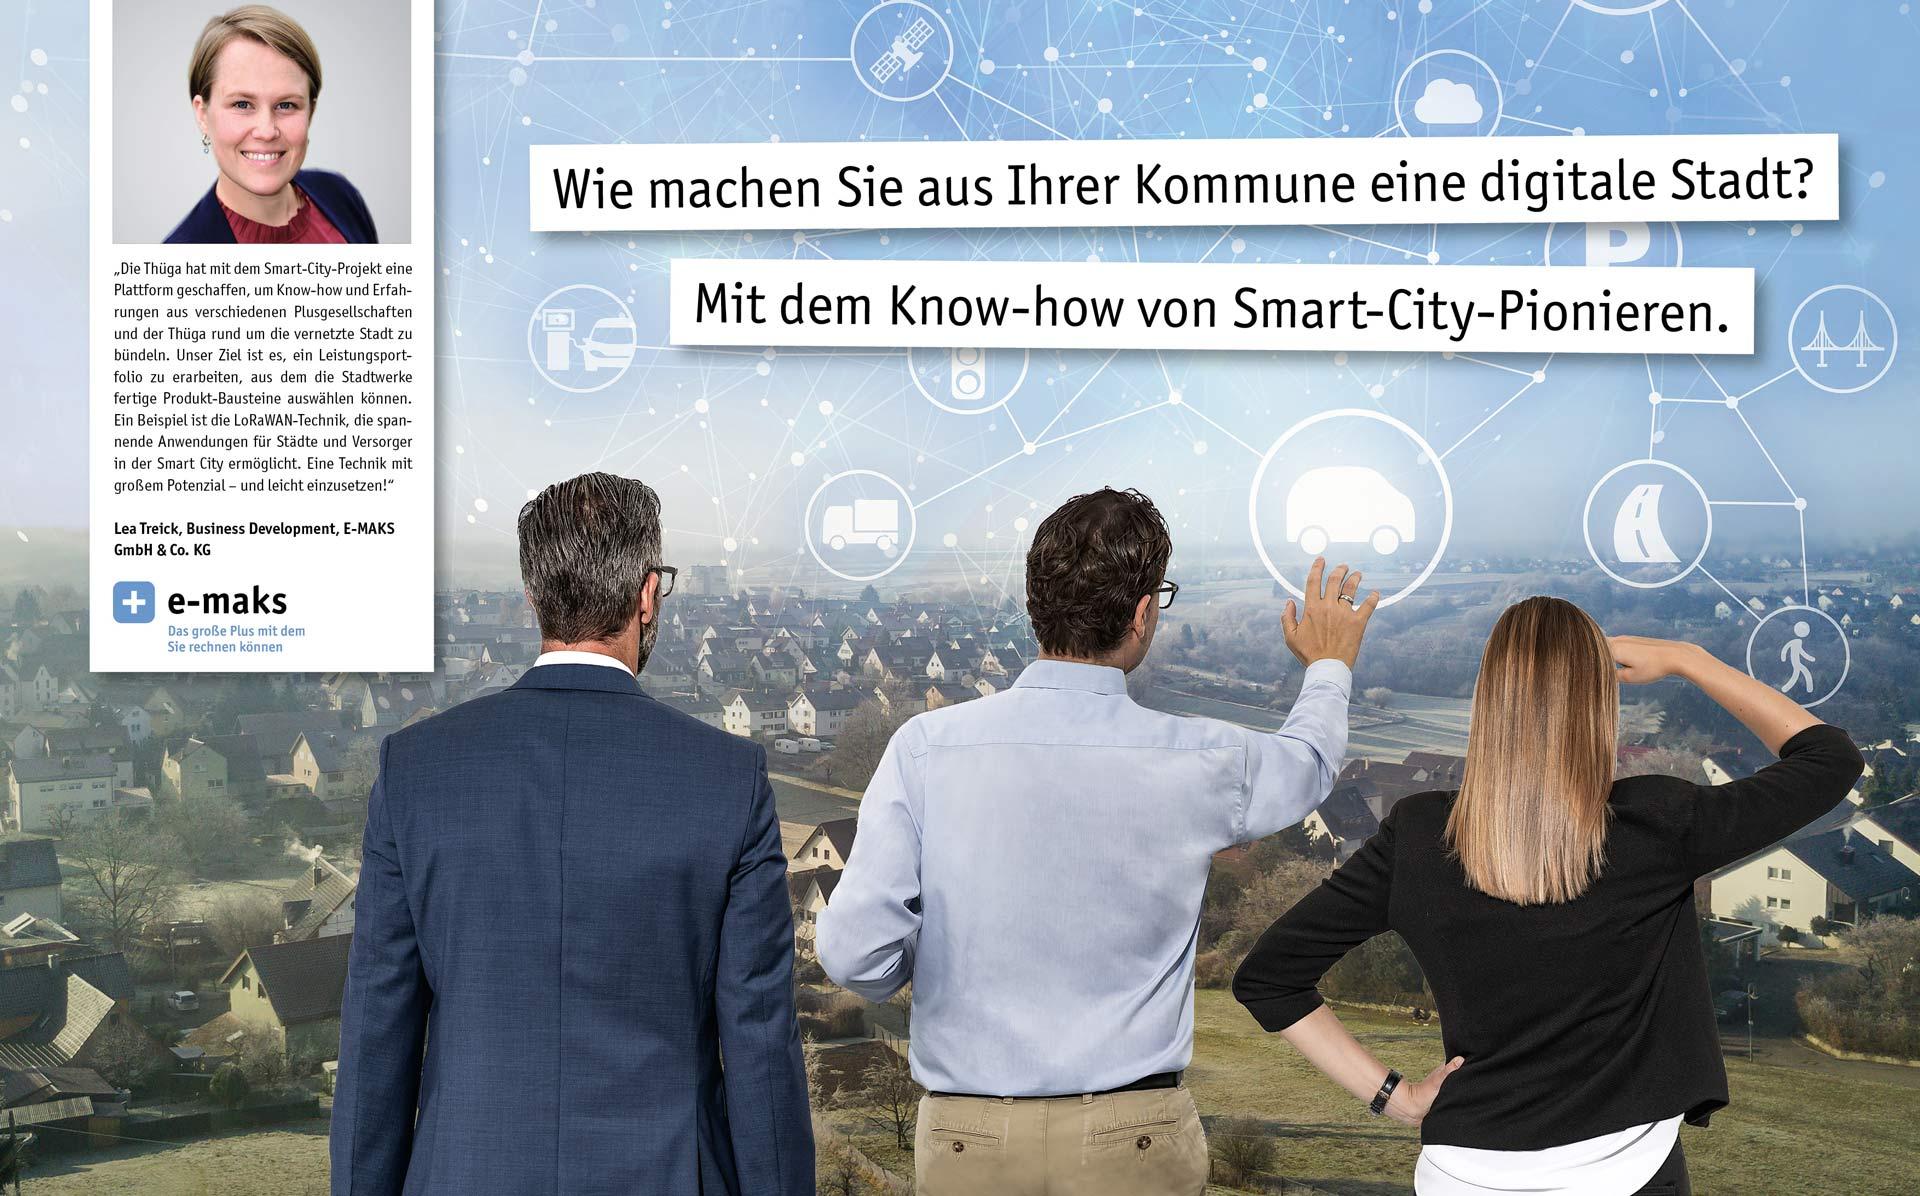 Wie machen Sie aus Ihrer Kommune eine digitale Stadt? Mit dem Know-how von Smart-City-Pionieren.